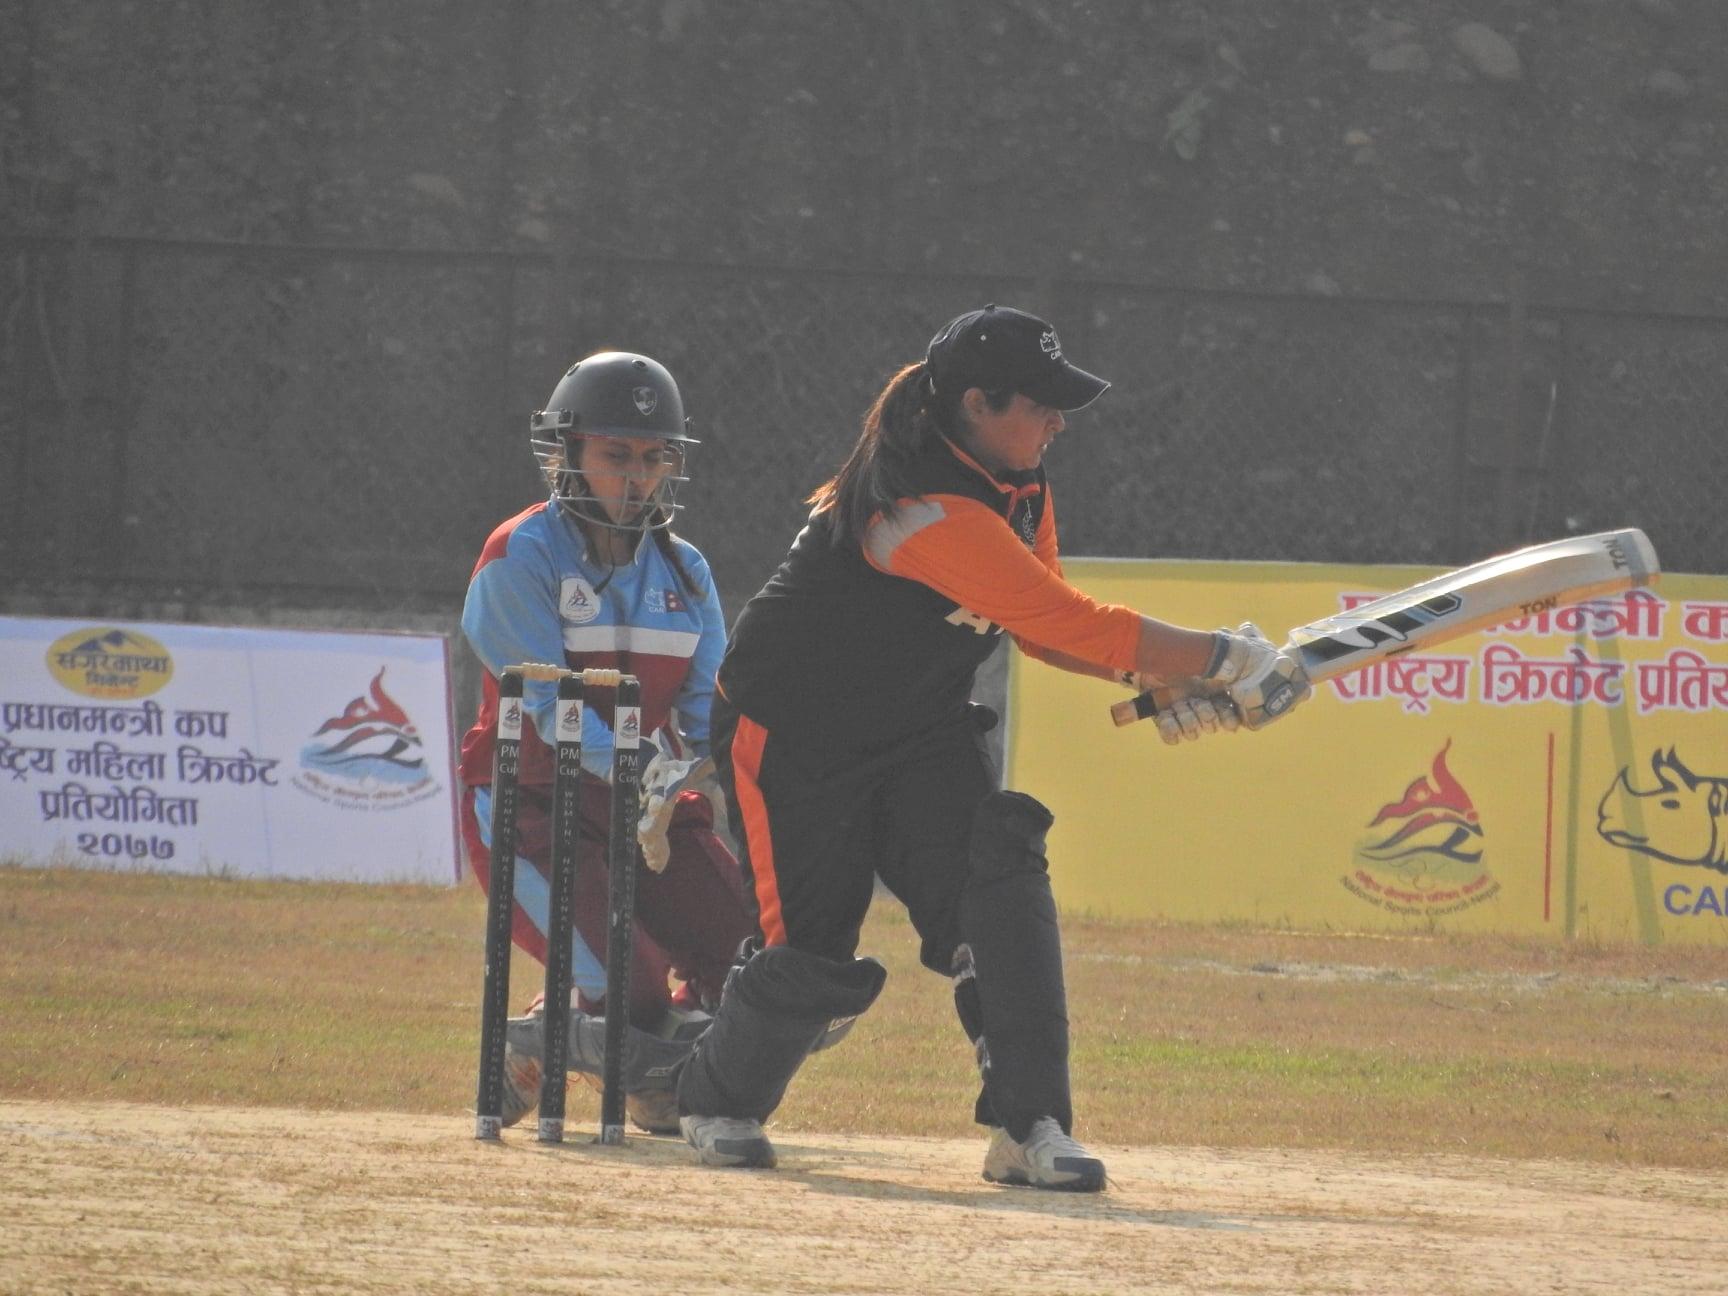 एपीएफले लुम्बिनी प्रदेशसामु १४३ रनकाे लक्ष्य